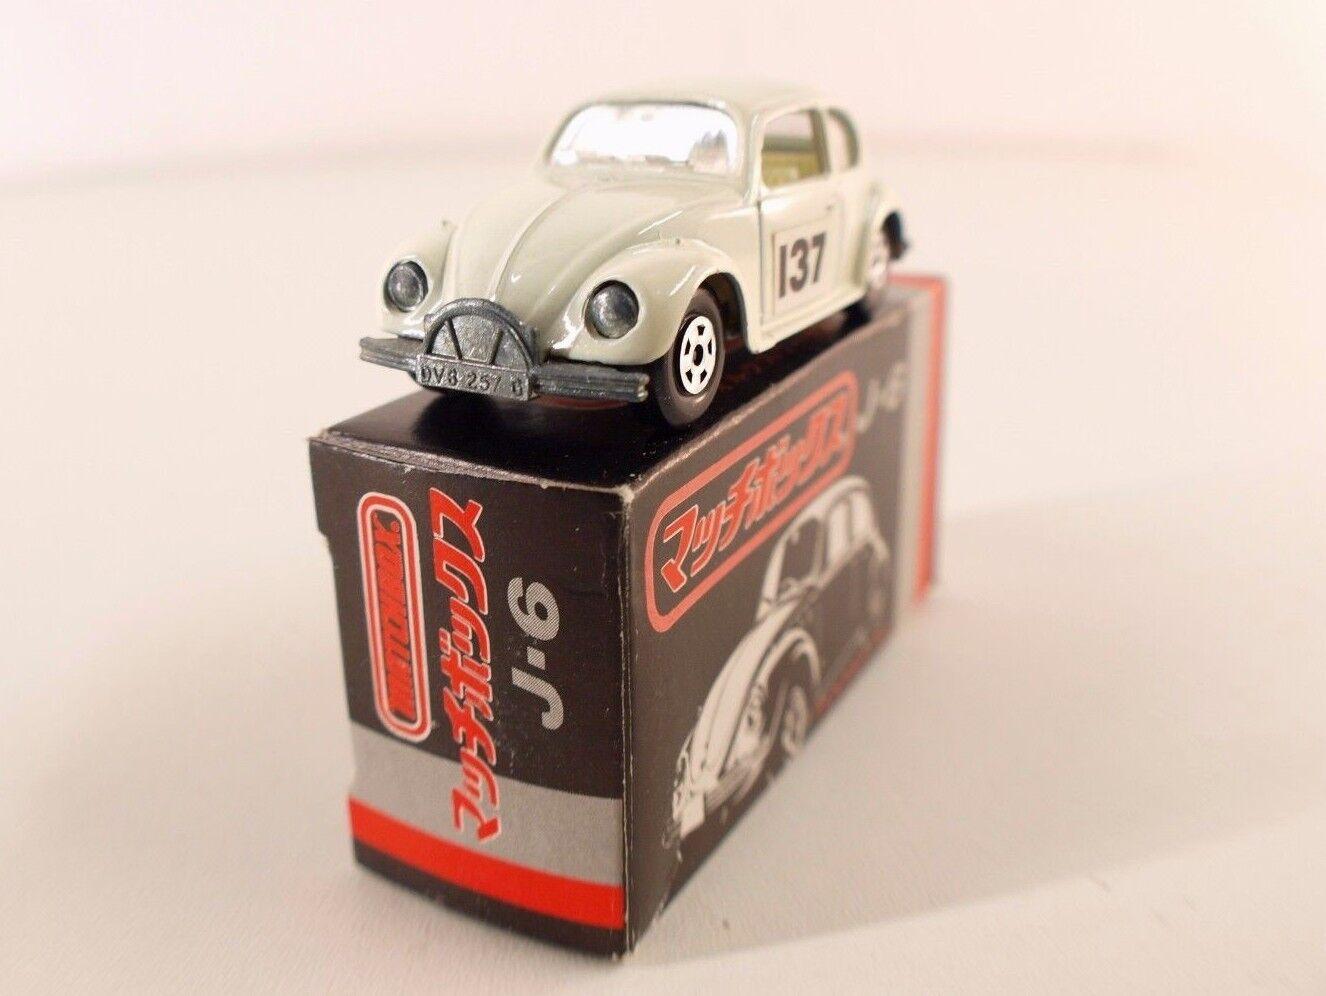 Matchbox Superfast n° J-6 VOLKSWAGEN VW  n° 137 137 137 Japon rare 1/64 boite/inbox | Outlet Shop En Ligne  5d3fee